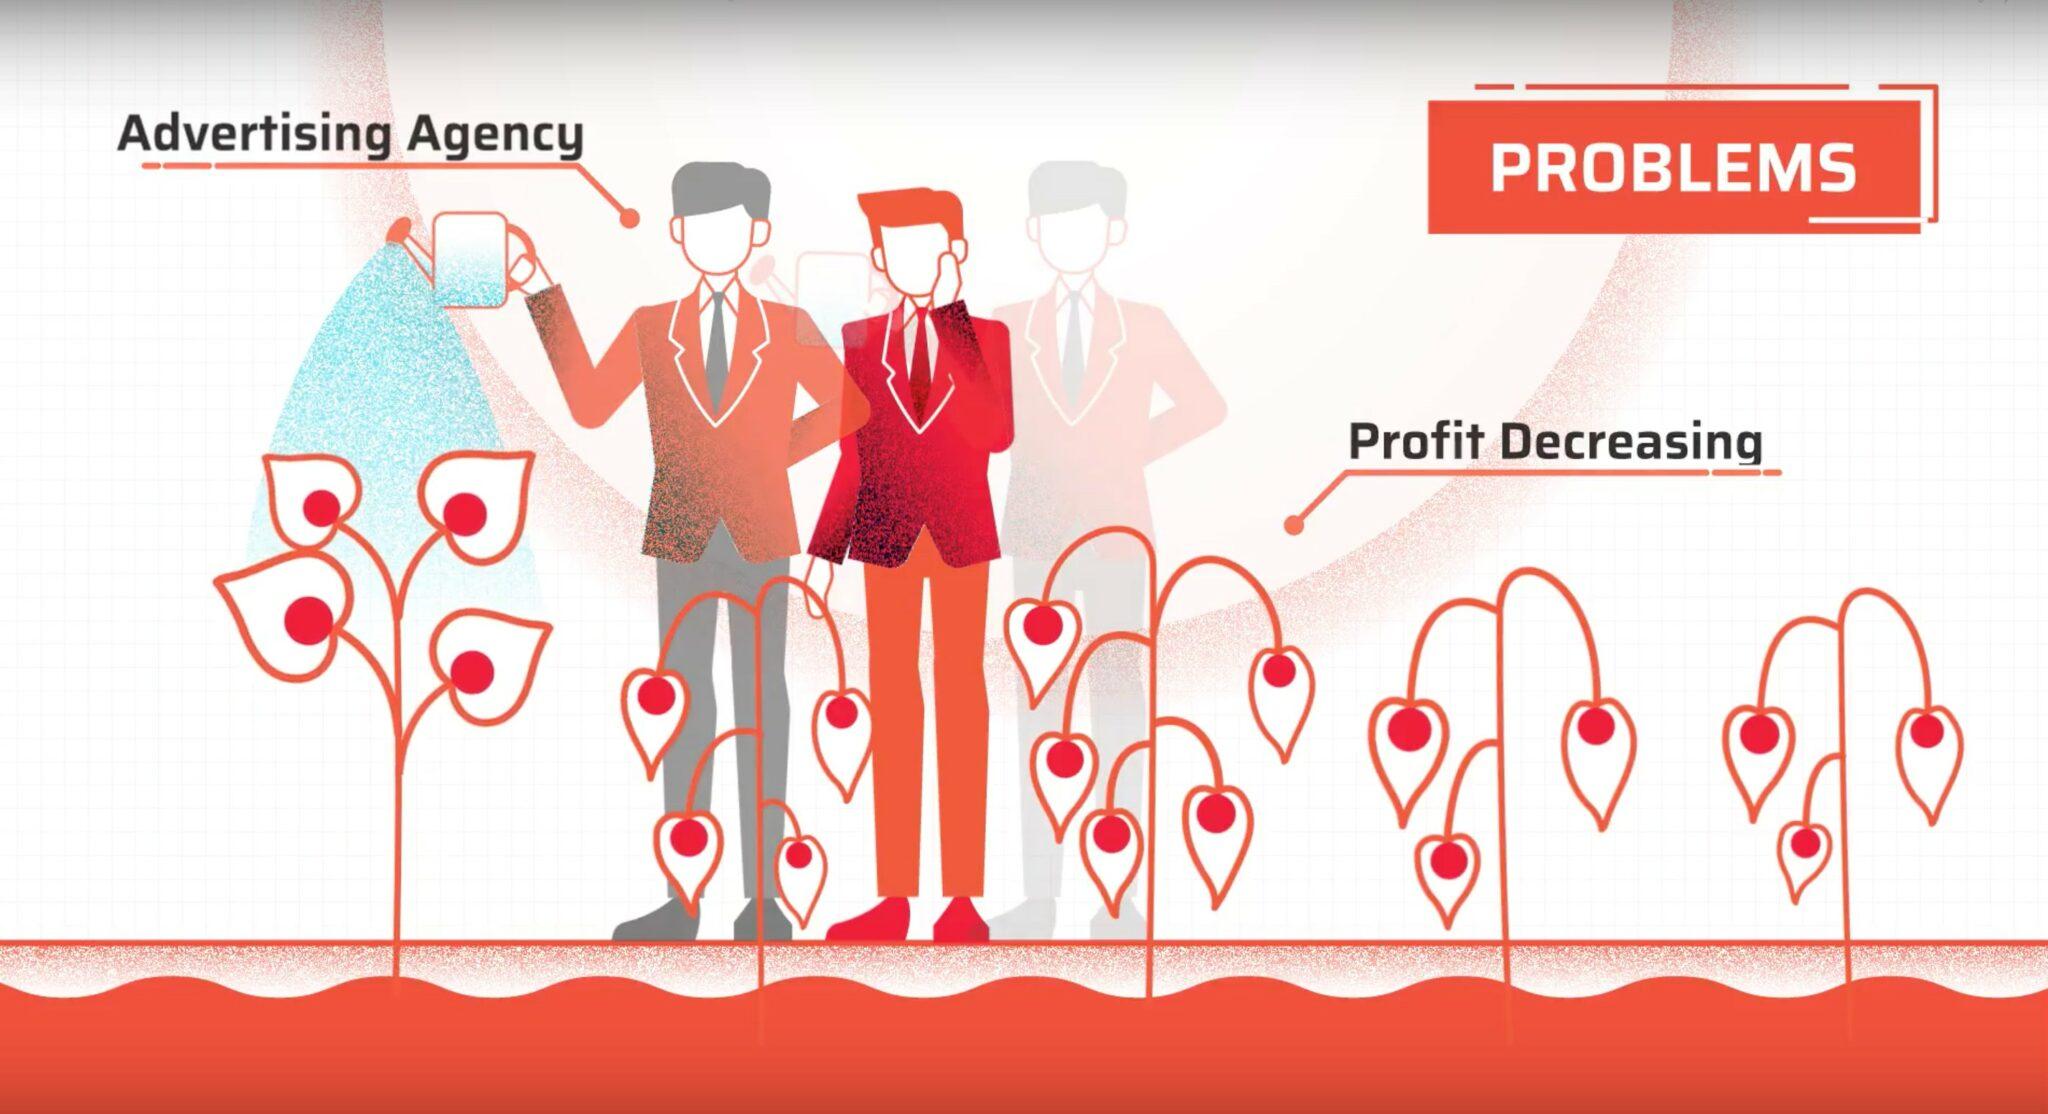 贊助:ACA Network 是否能為亞洲的線上廣告產業帶來革新?